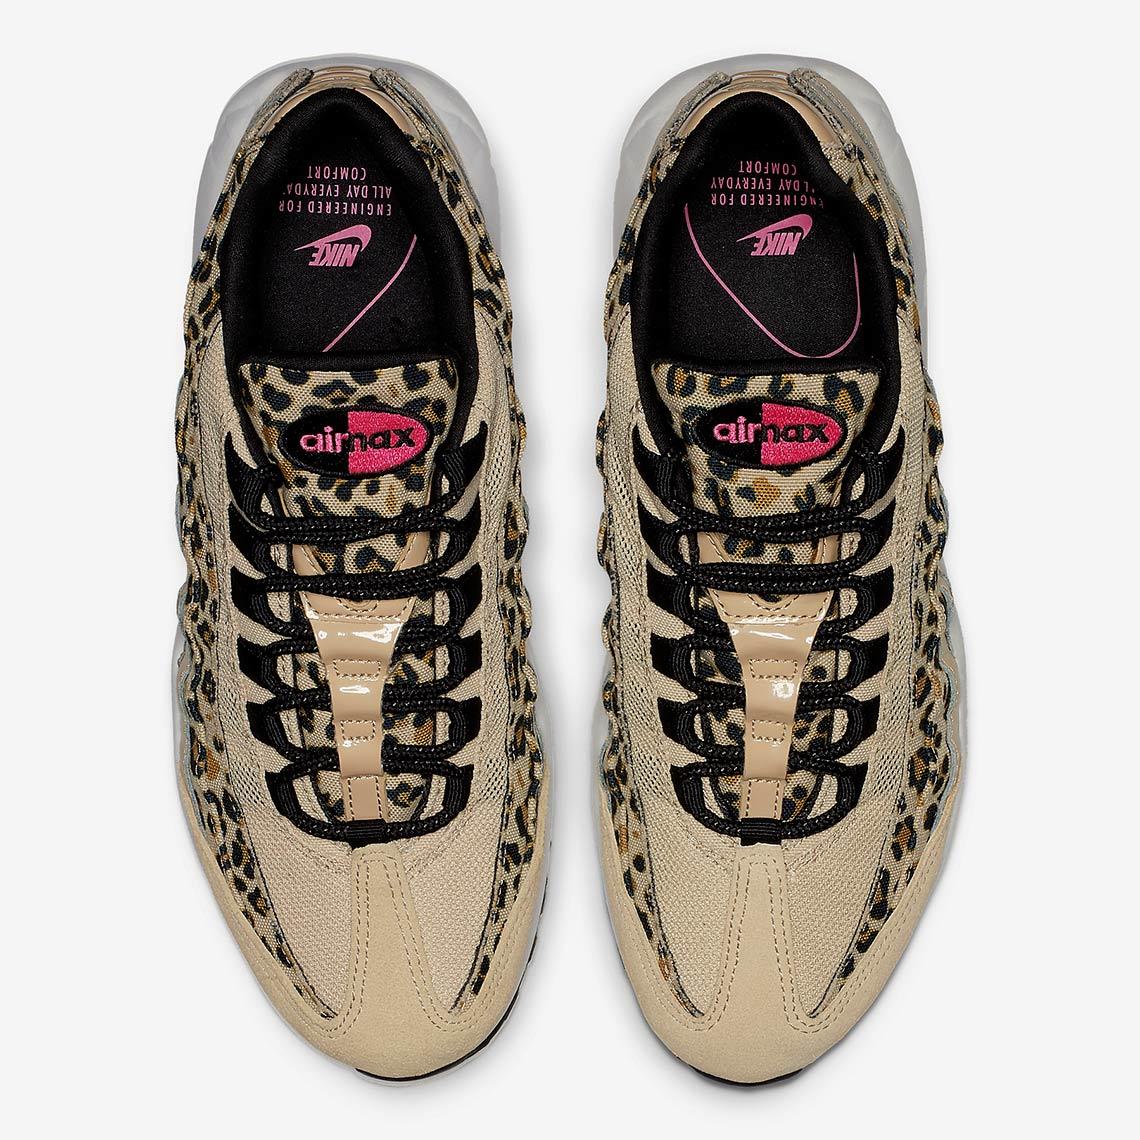 air max 95 cheetah print